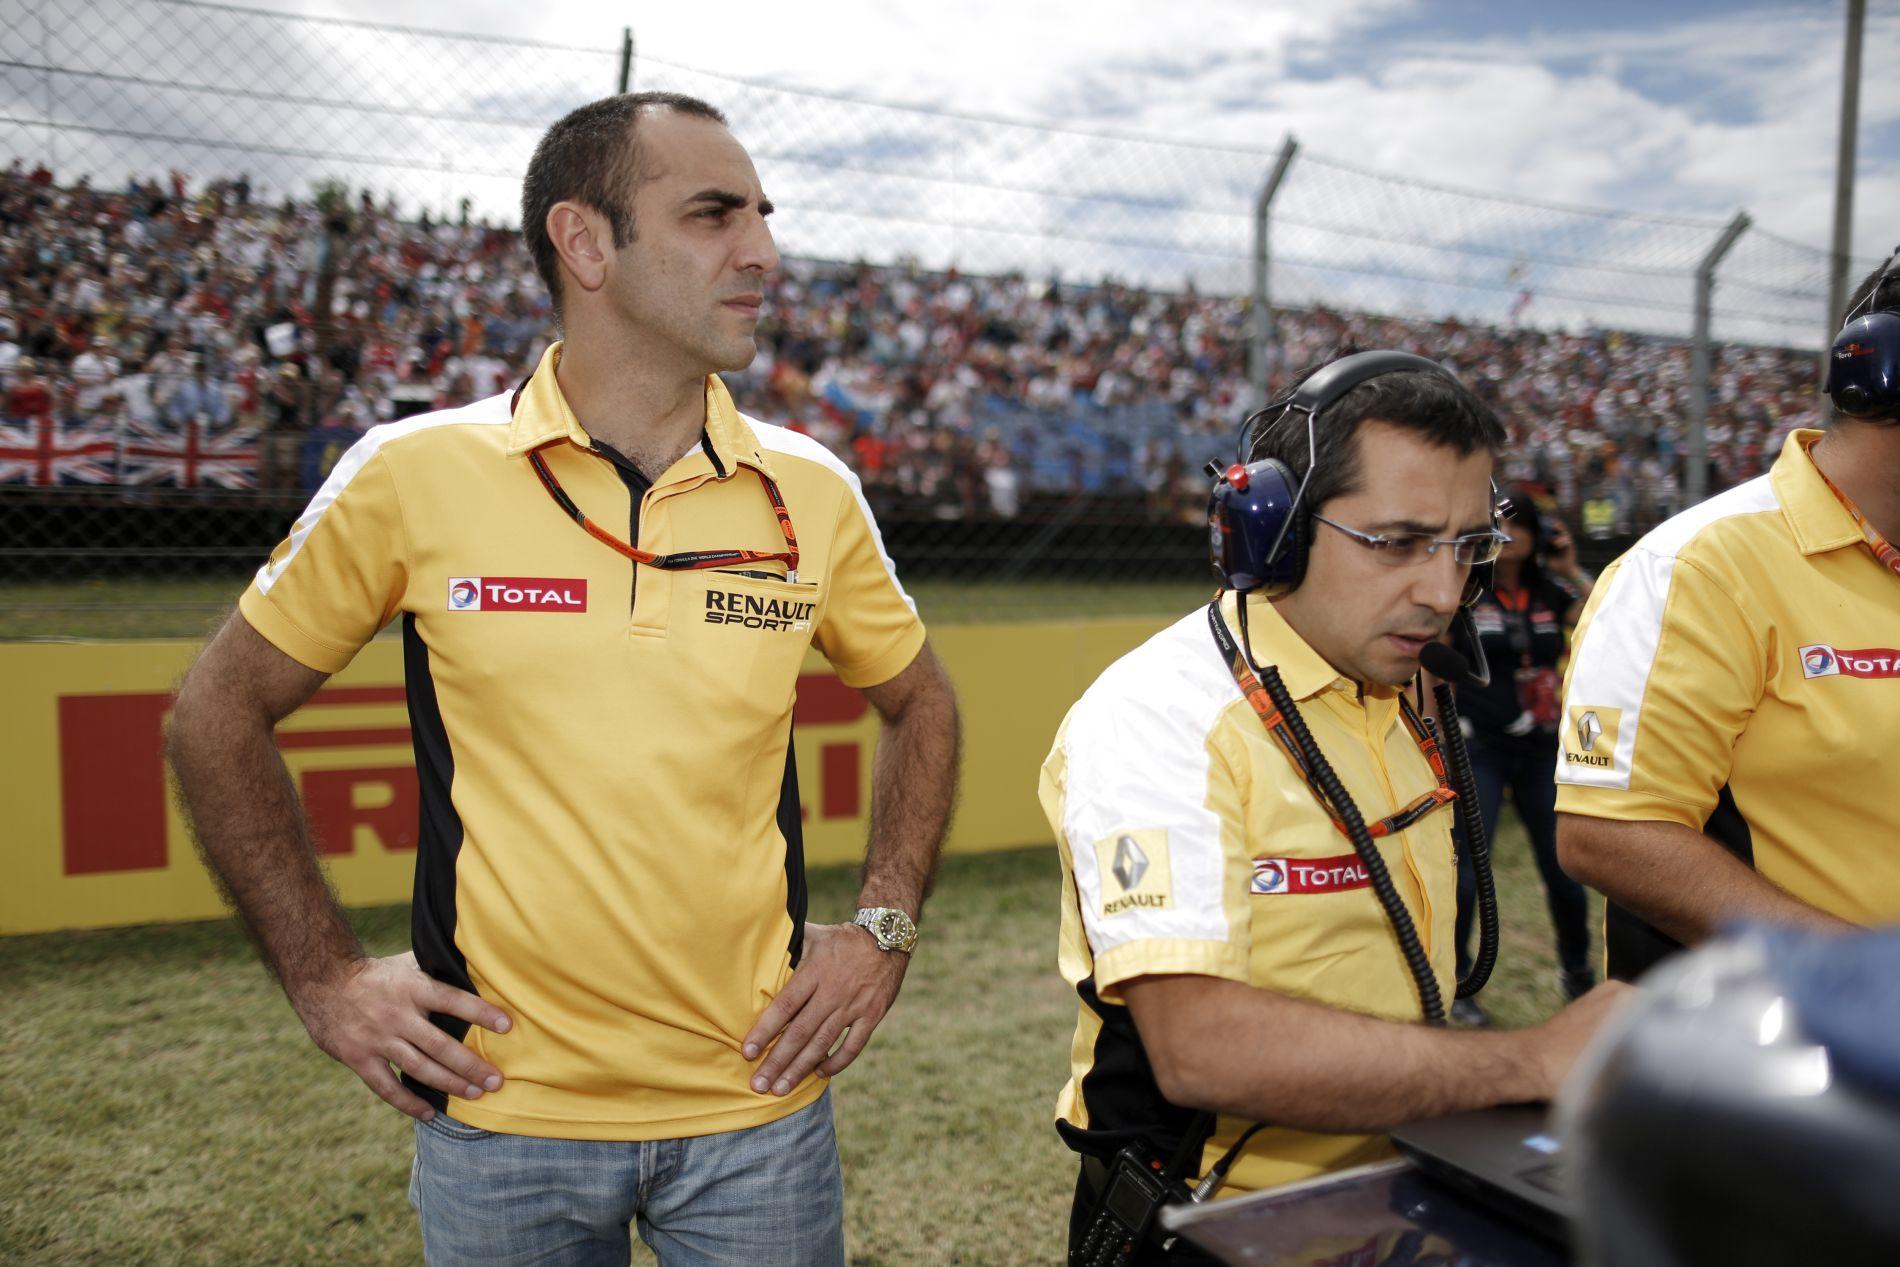 Ma döntenek a Renault-nál: mindent vagy semmit, dobják a WSR 3.5-öt az F1 kedvéért